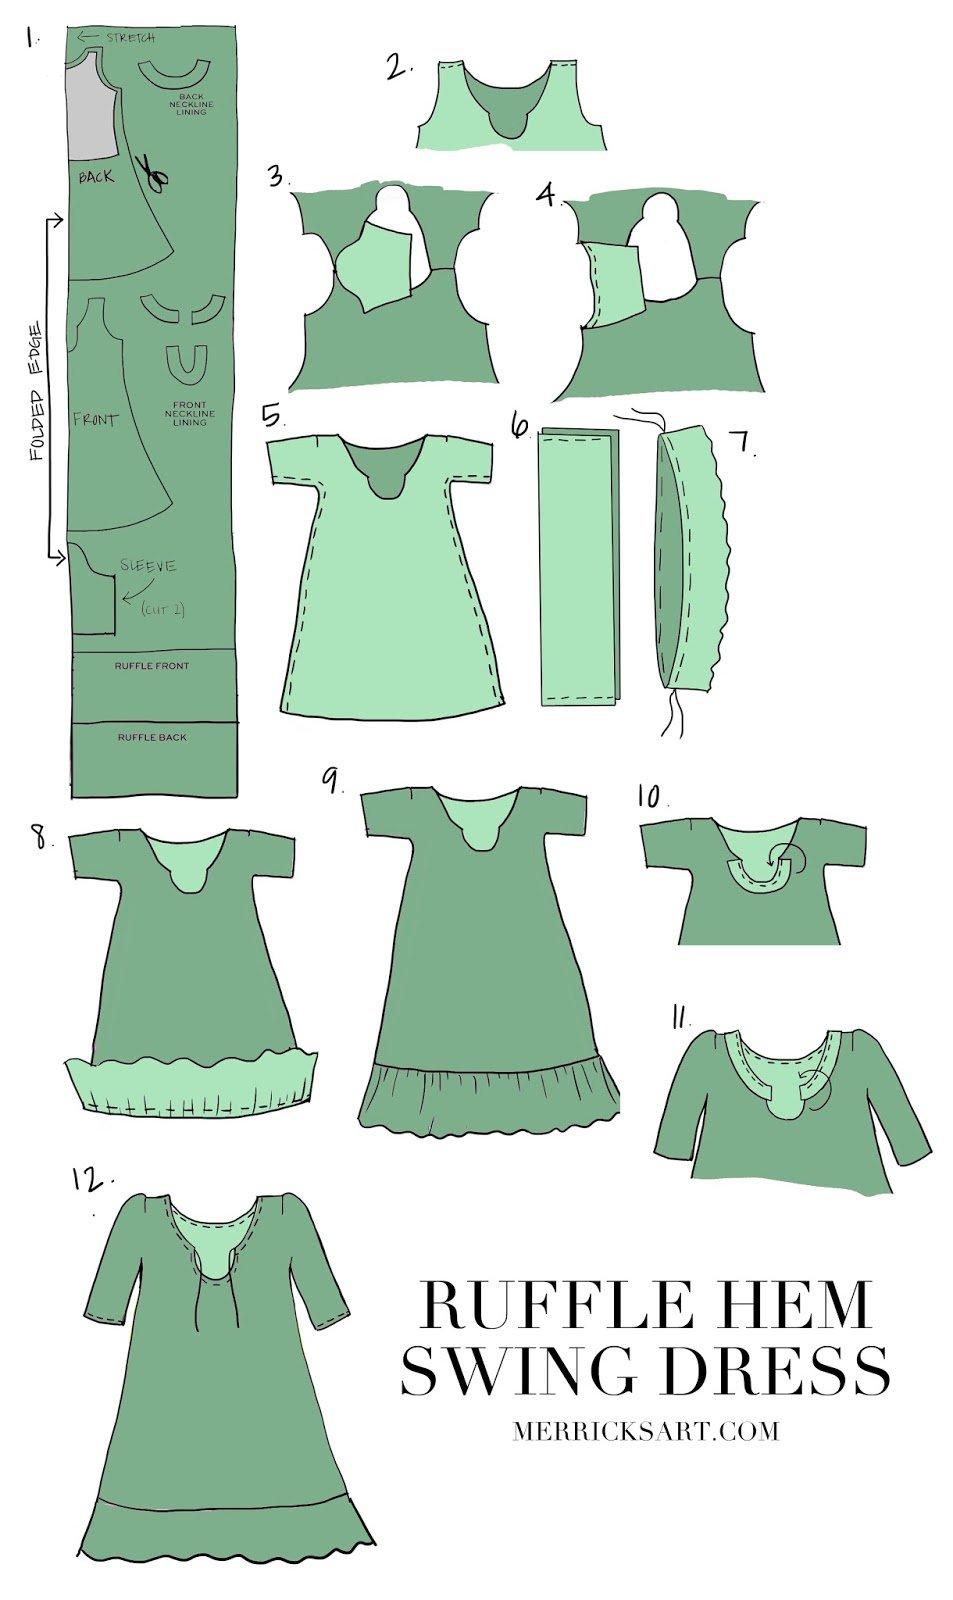 ruffle-hem-printed-dress